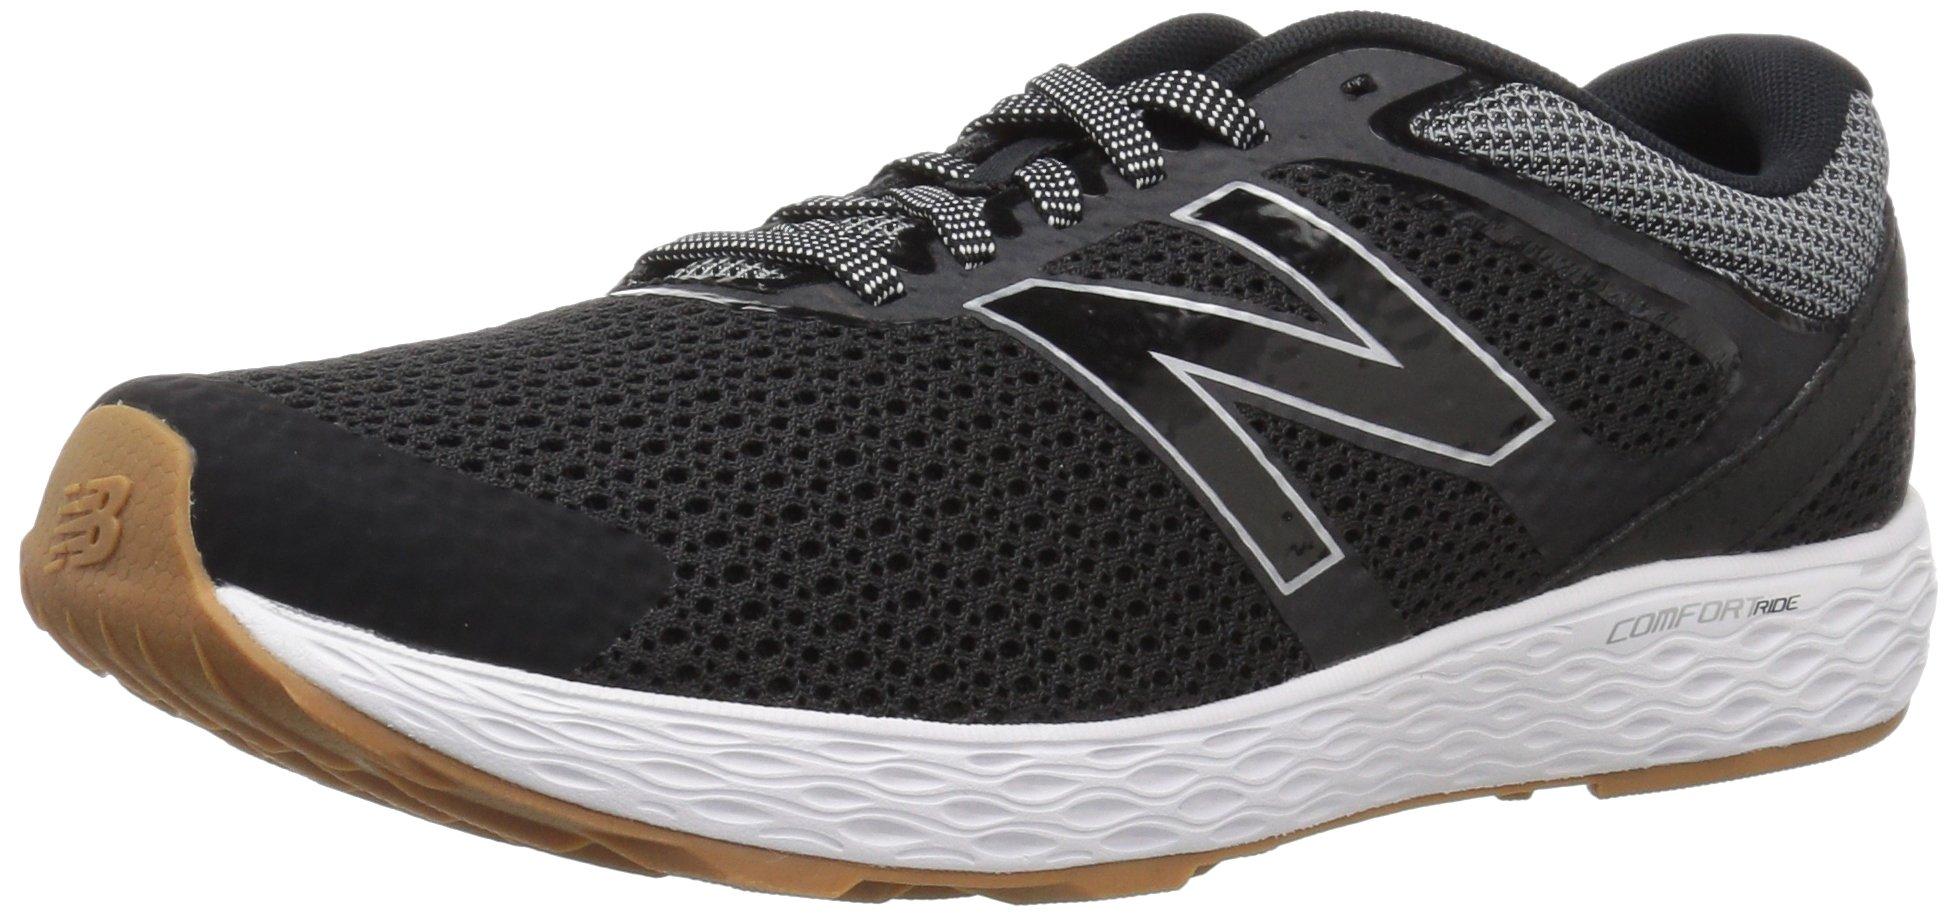 New Balance Women's 520v3 Running Shoe, Black, 9.5 D US